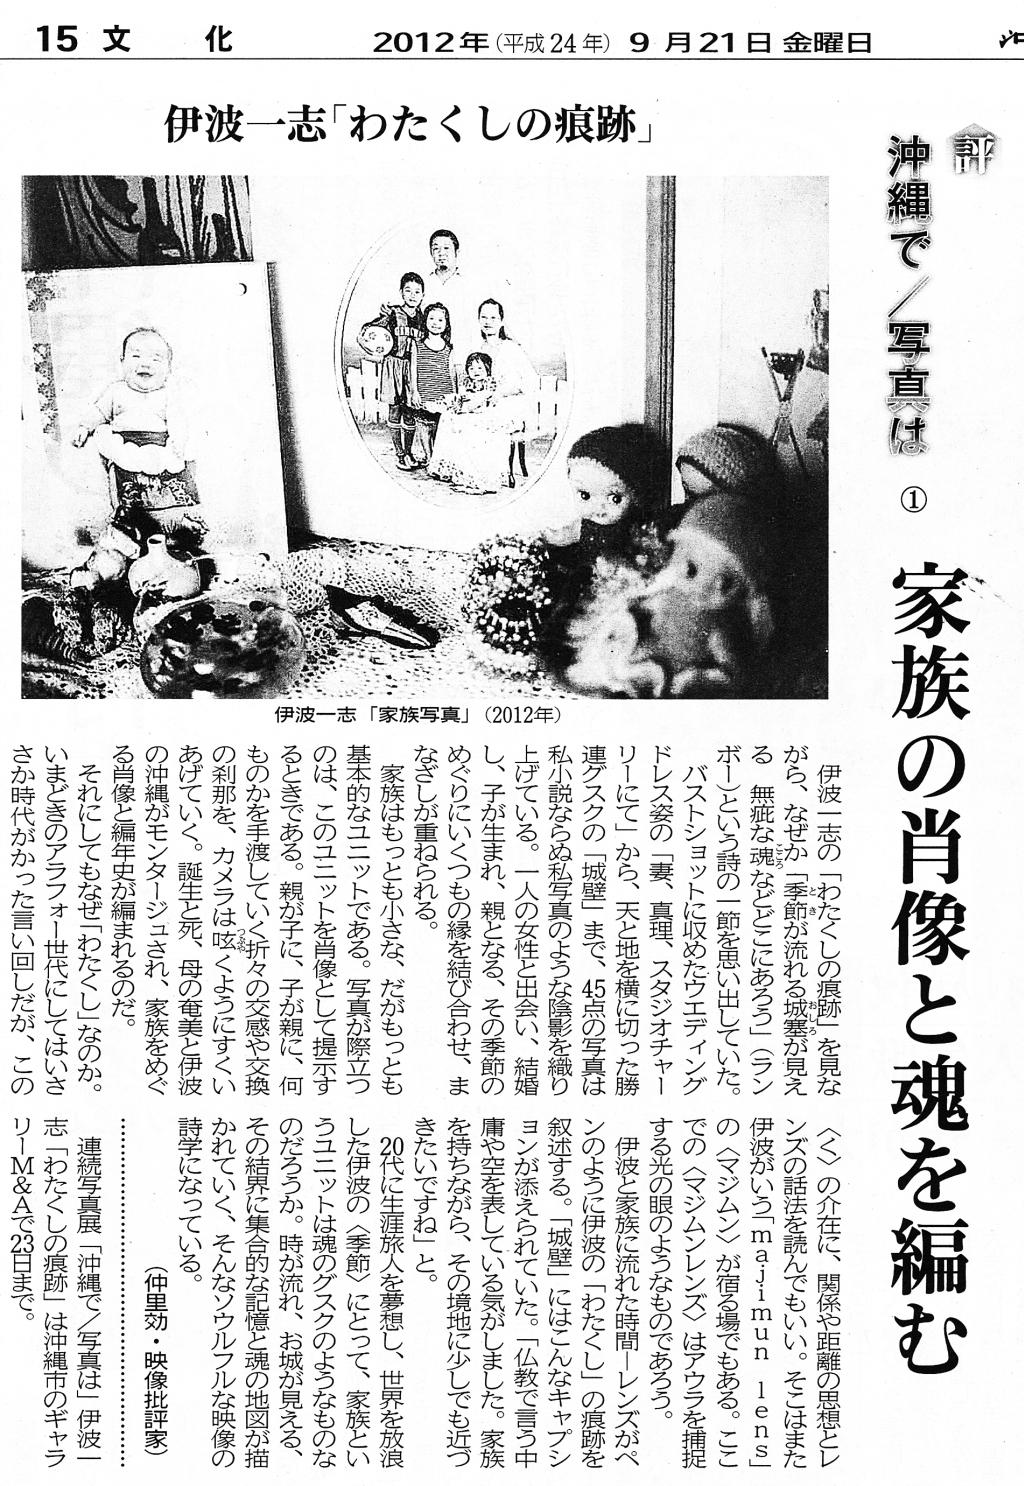 20120921_times_ihakazusi_nakazatoisao.jpg